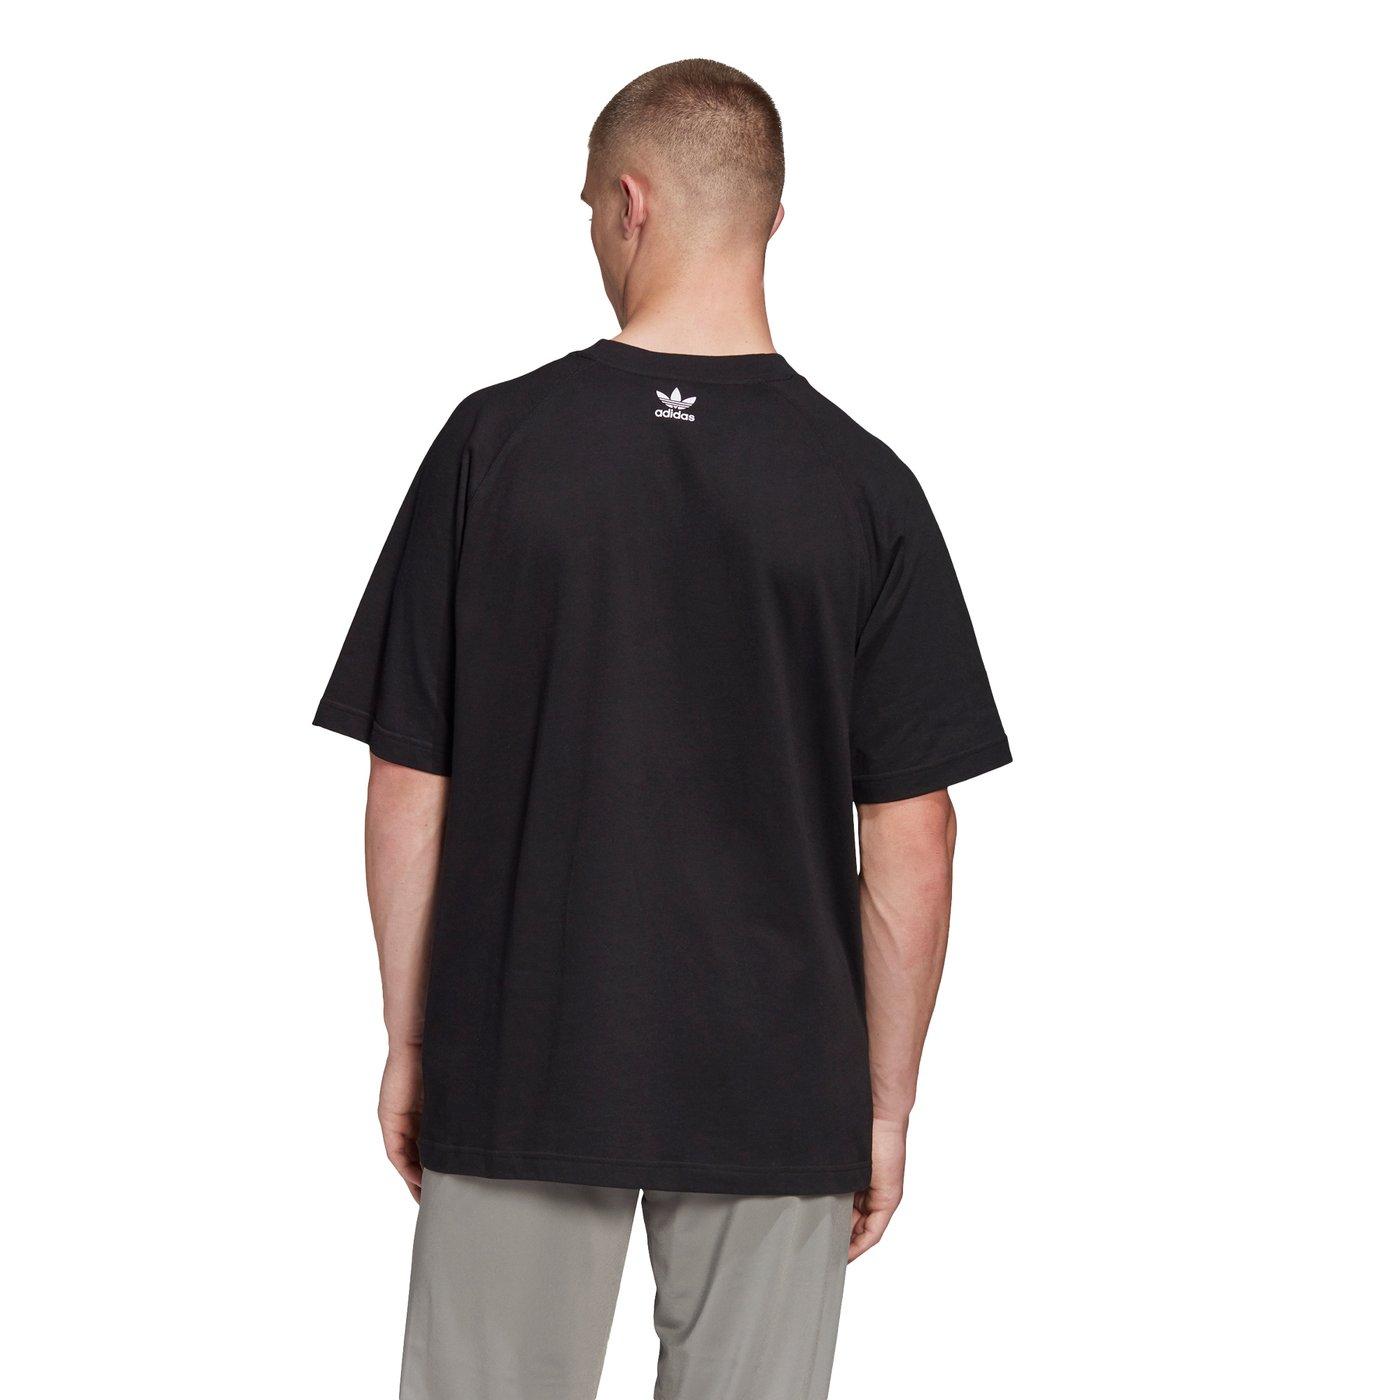 adidas BG Trefoil Erkek Siyah T-Shirt